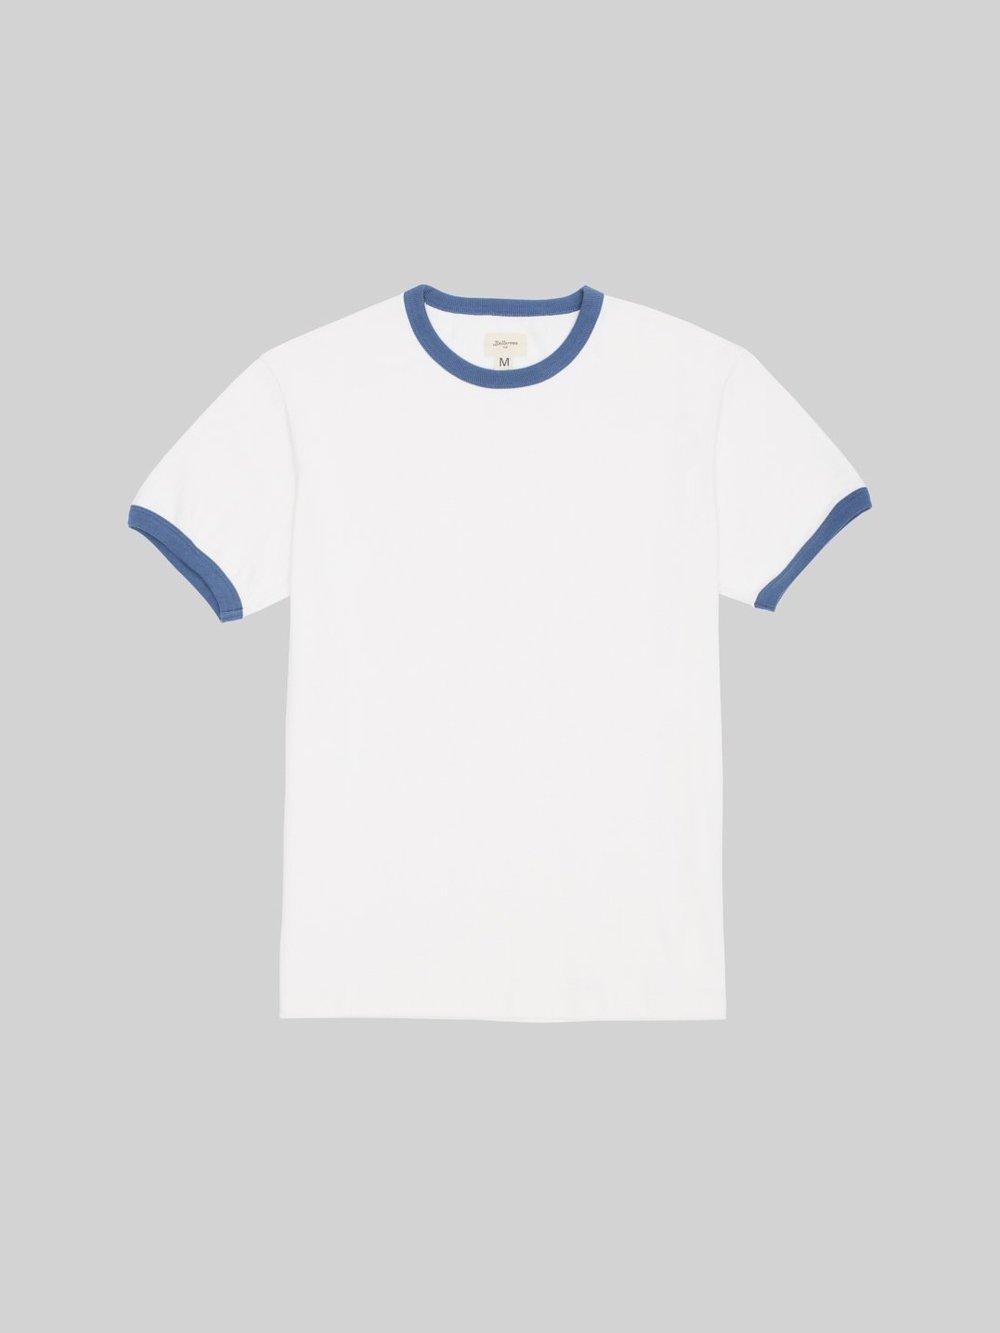 Flin t-shirt